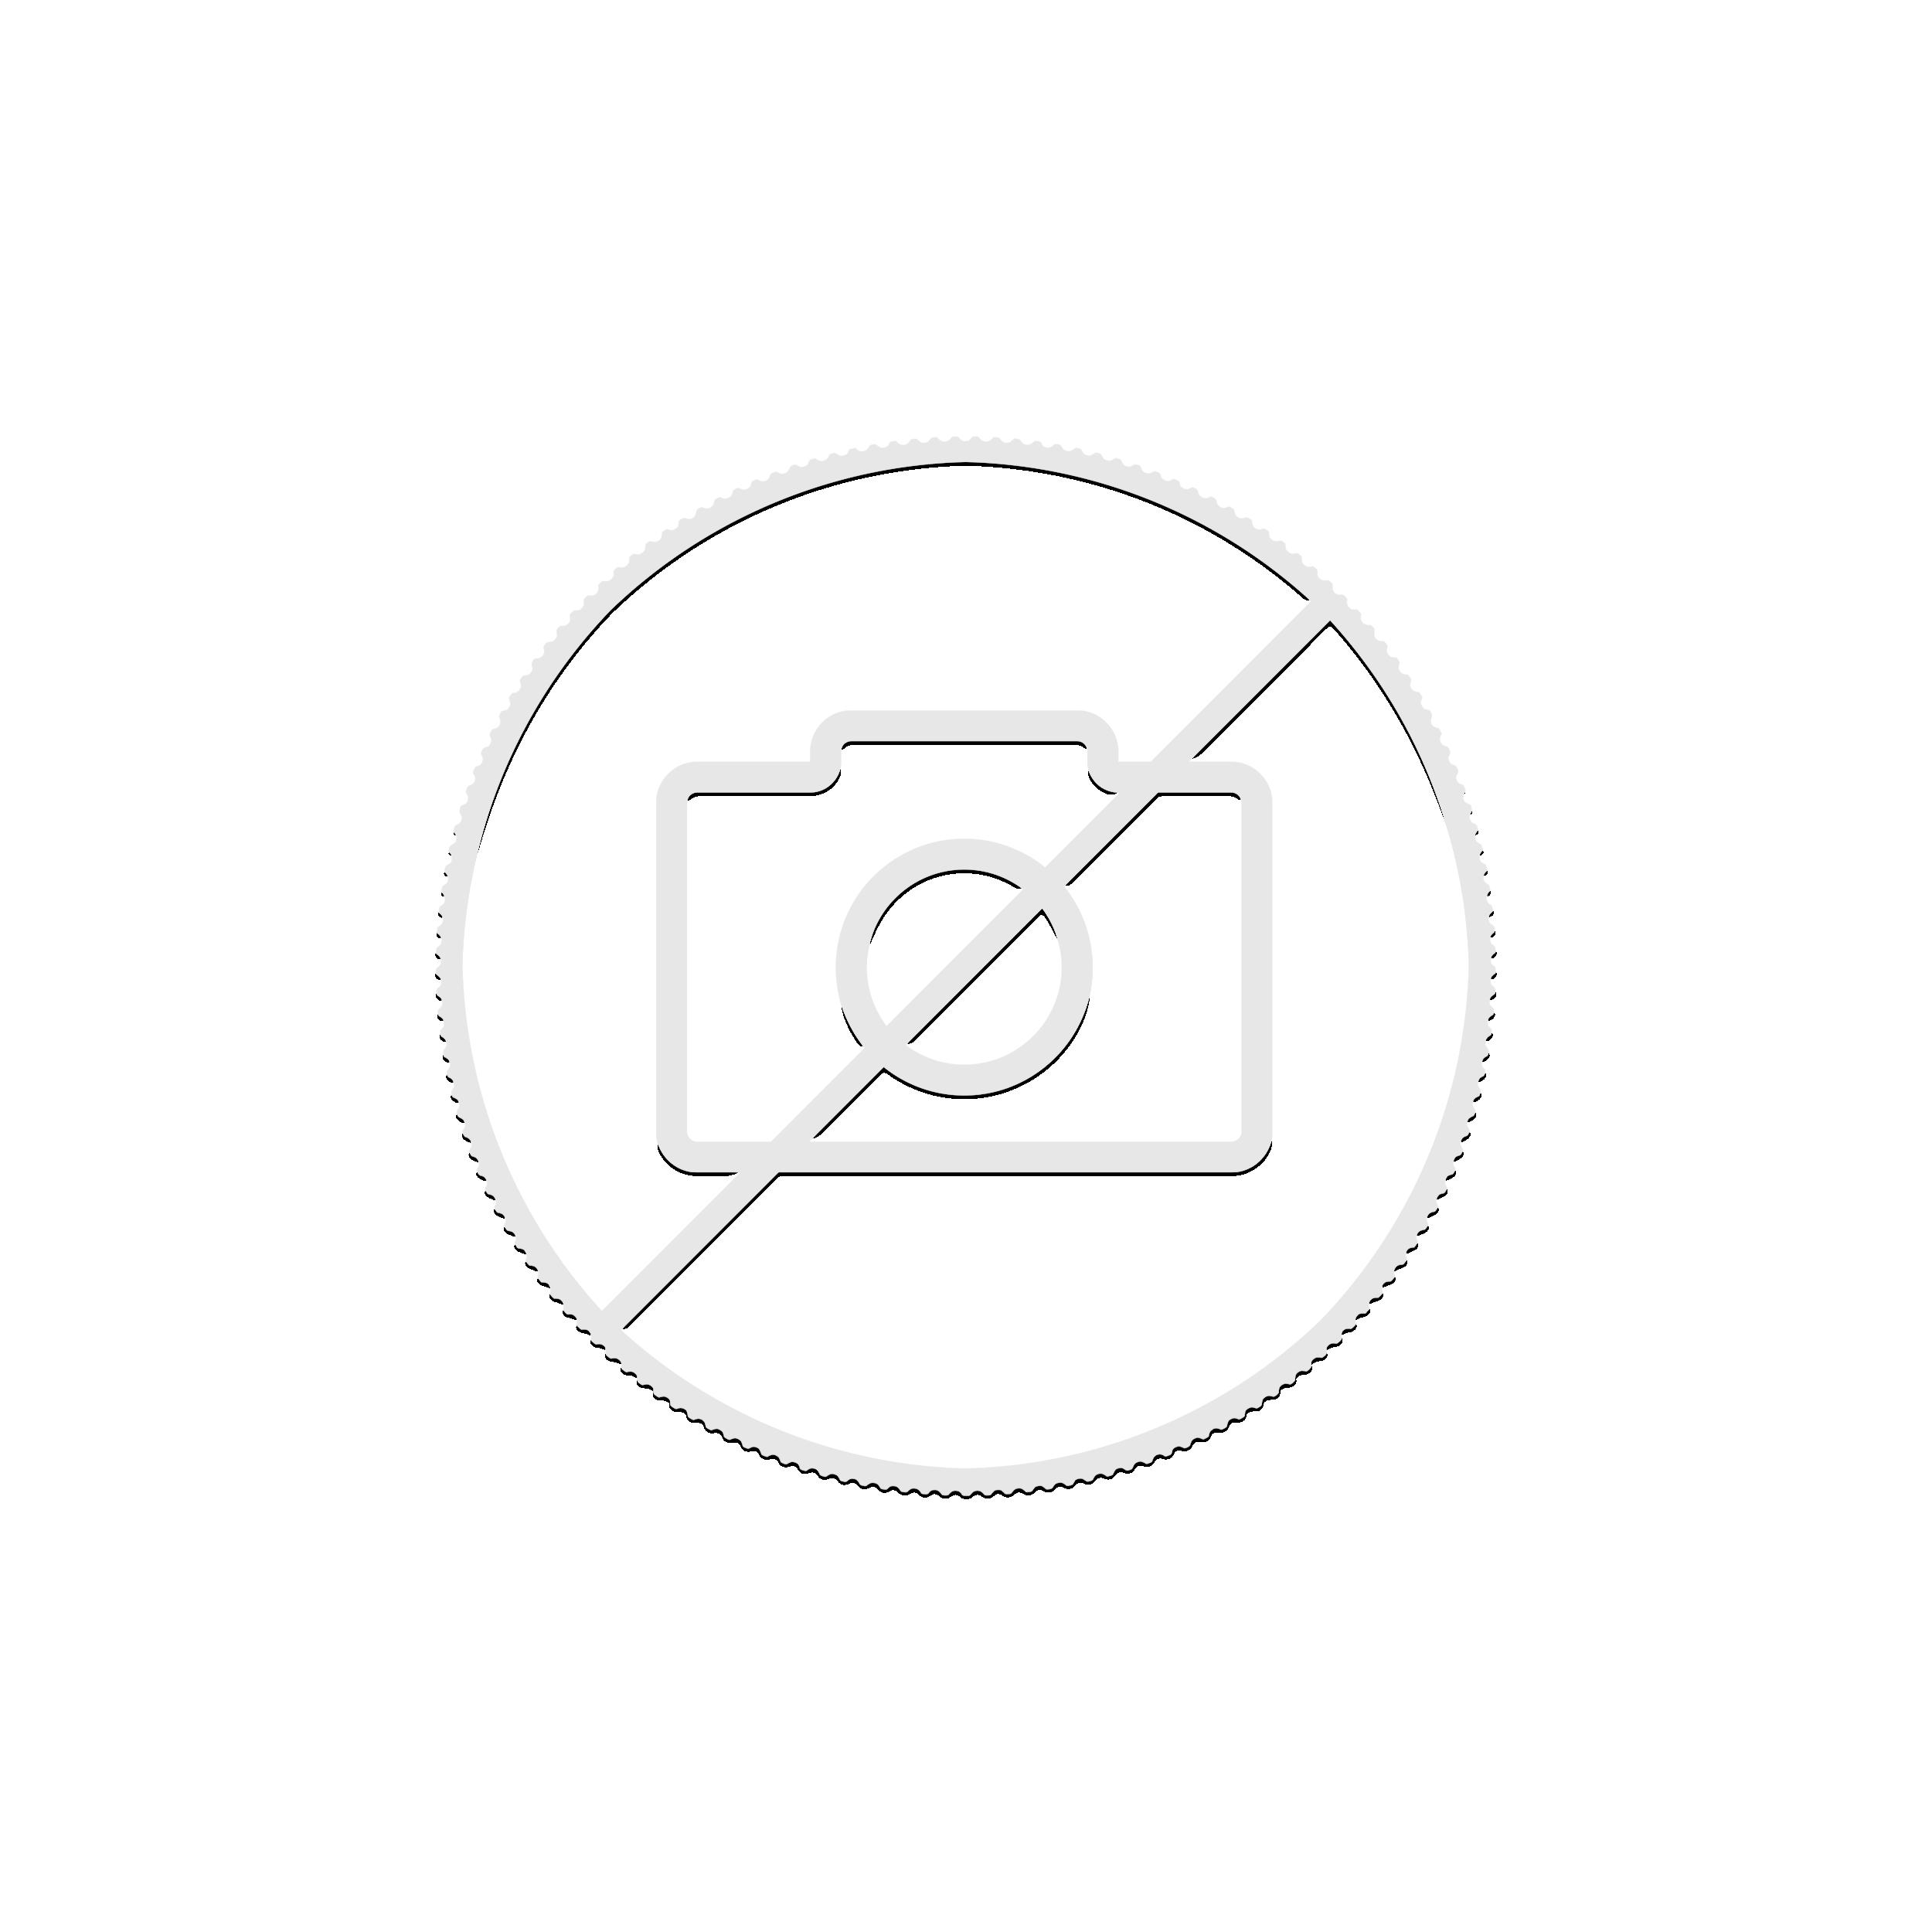 1/4 Troy ounce gold coin Kangaroo 2018